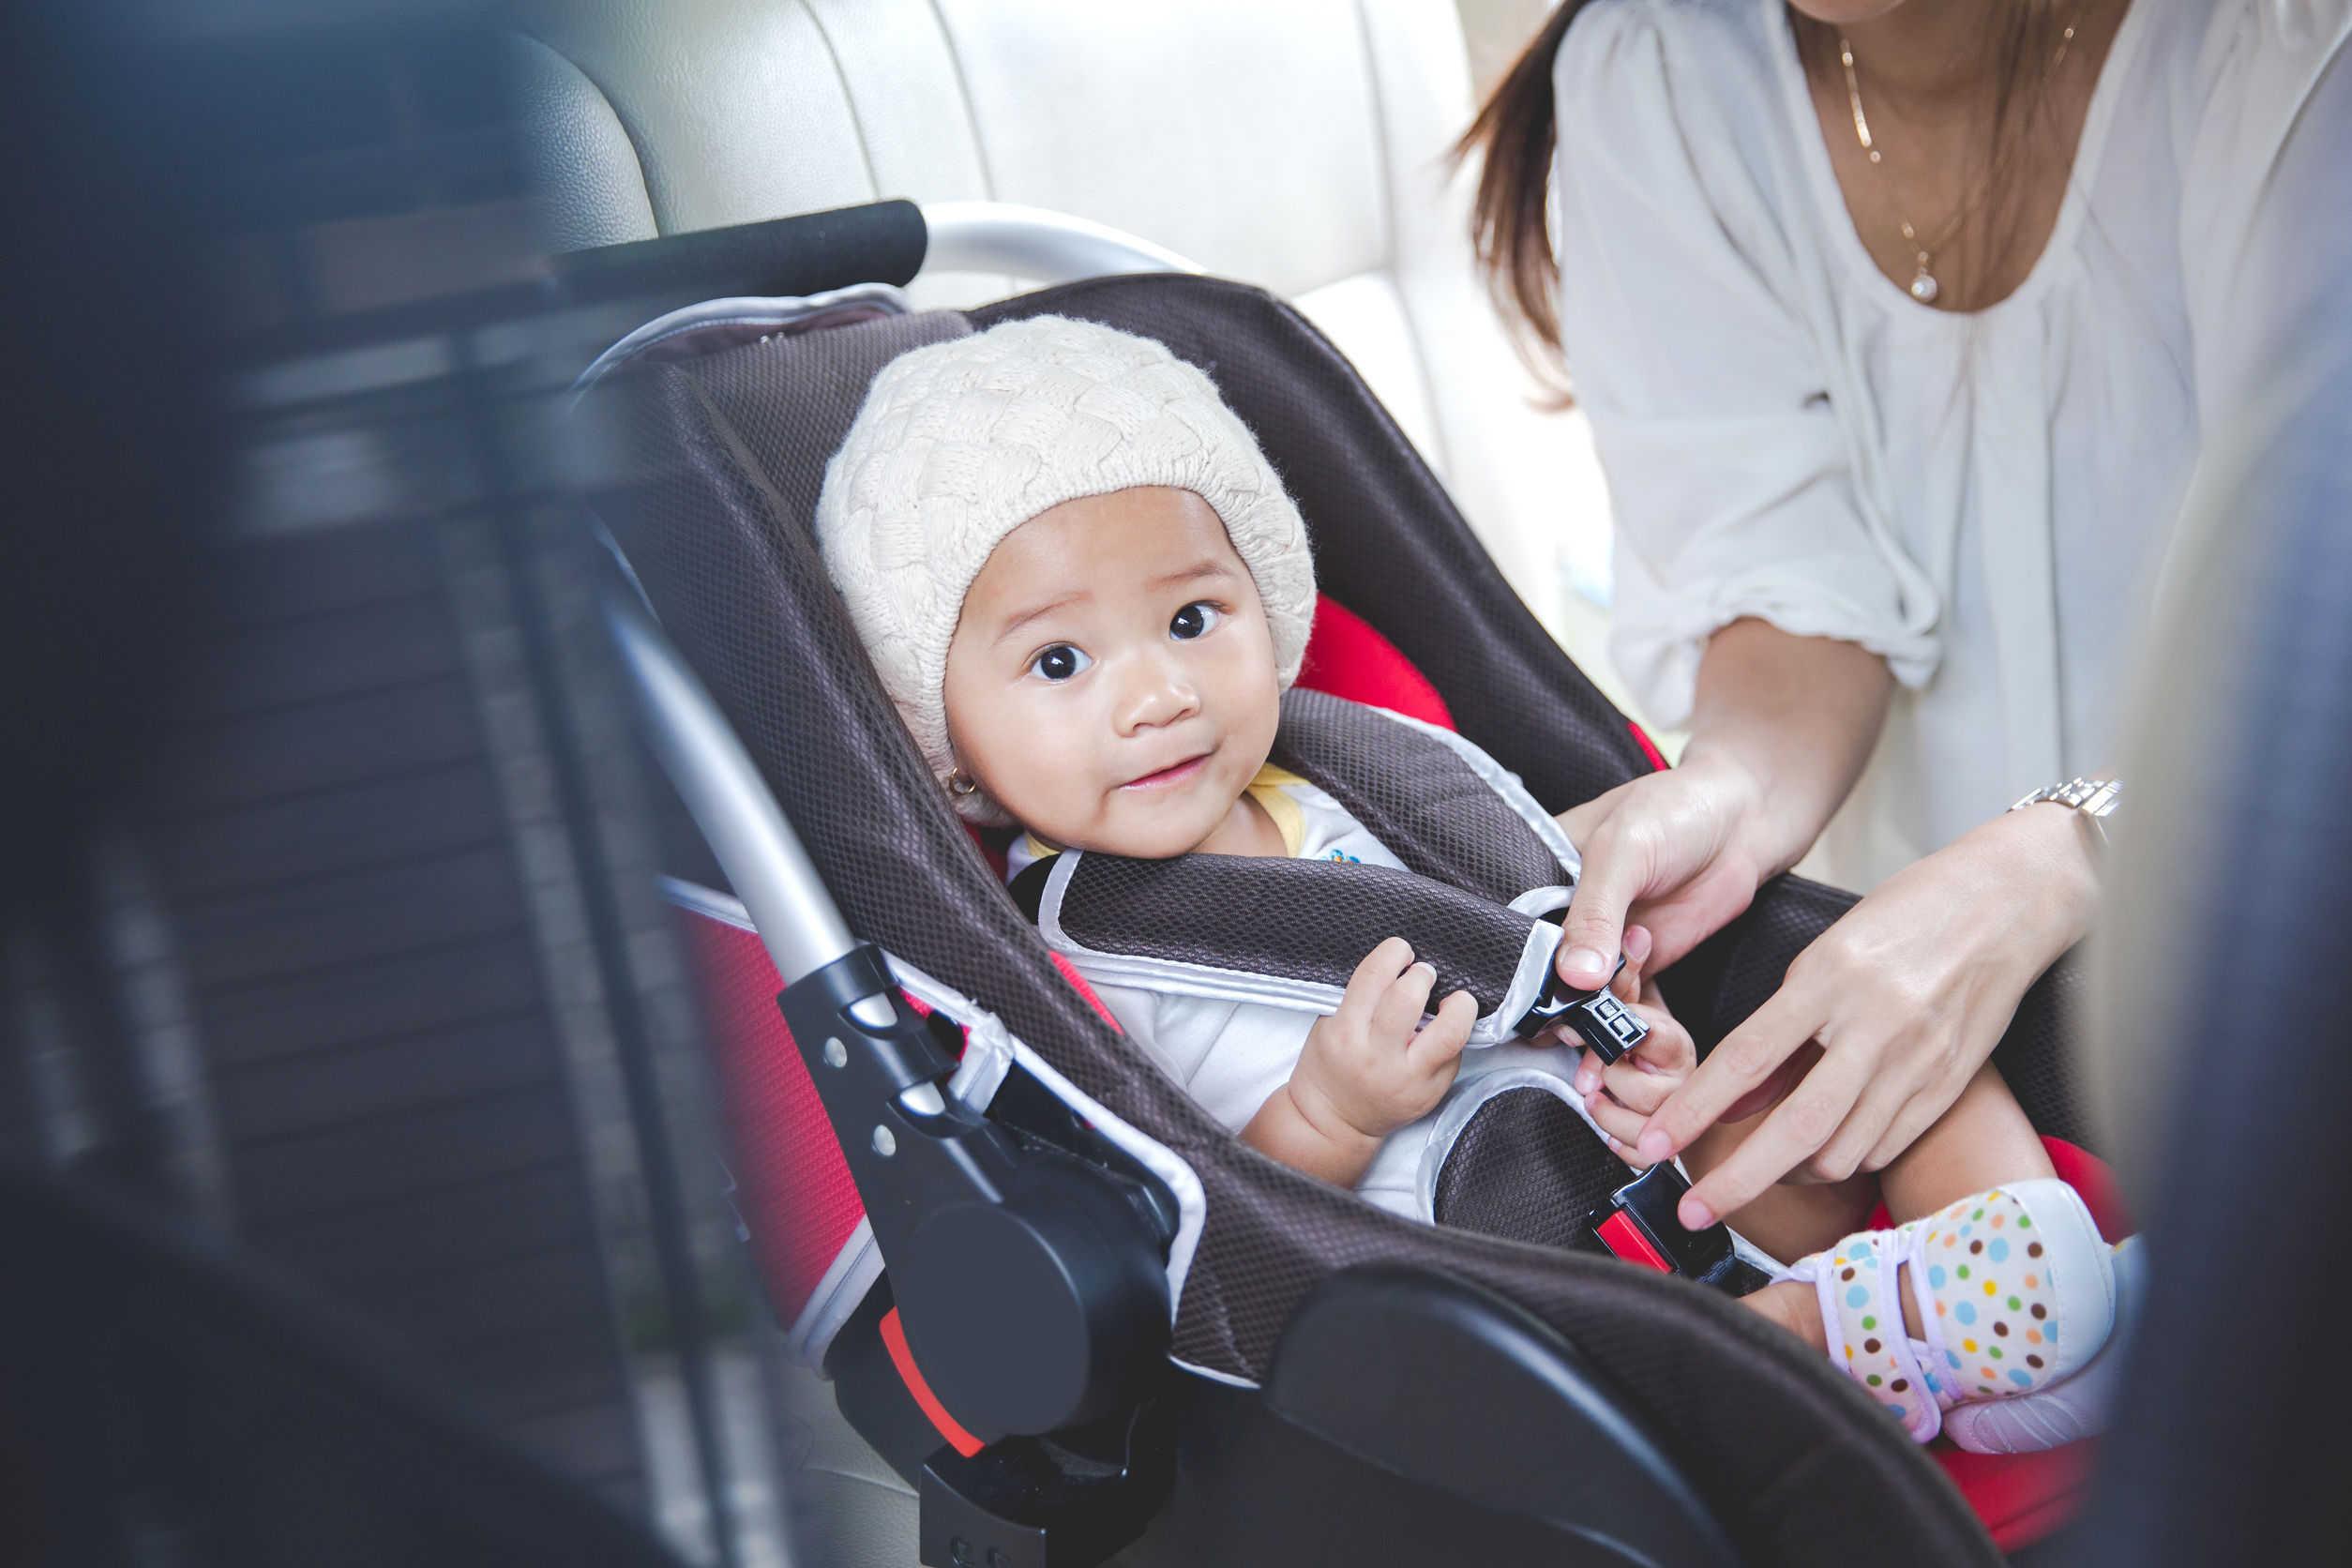 Sillas para bebé: ¿Cuáles son las mejores del 2020?